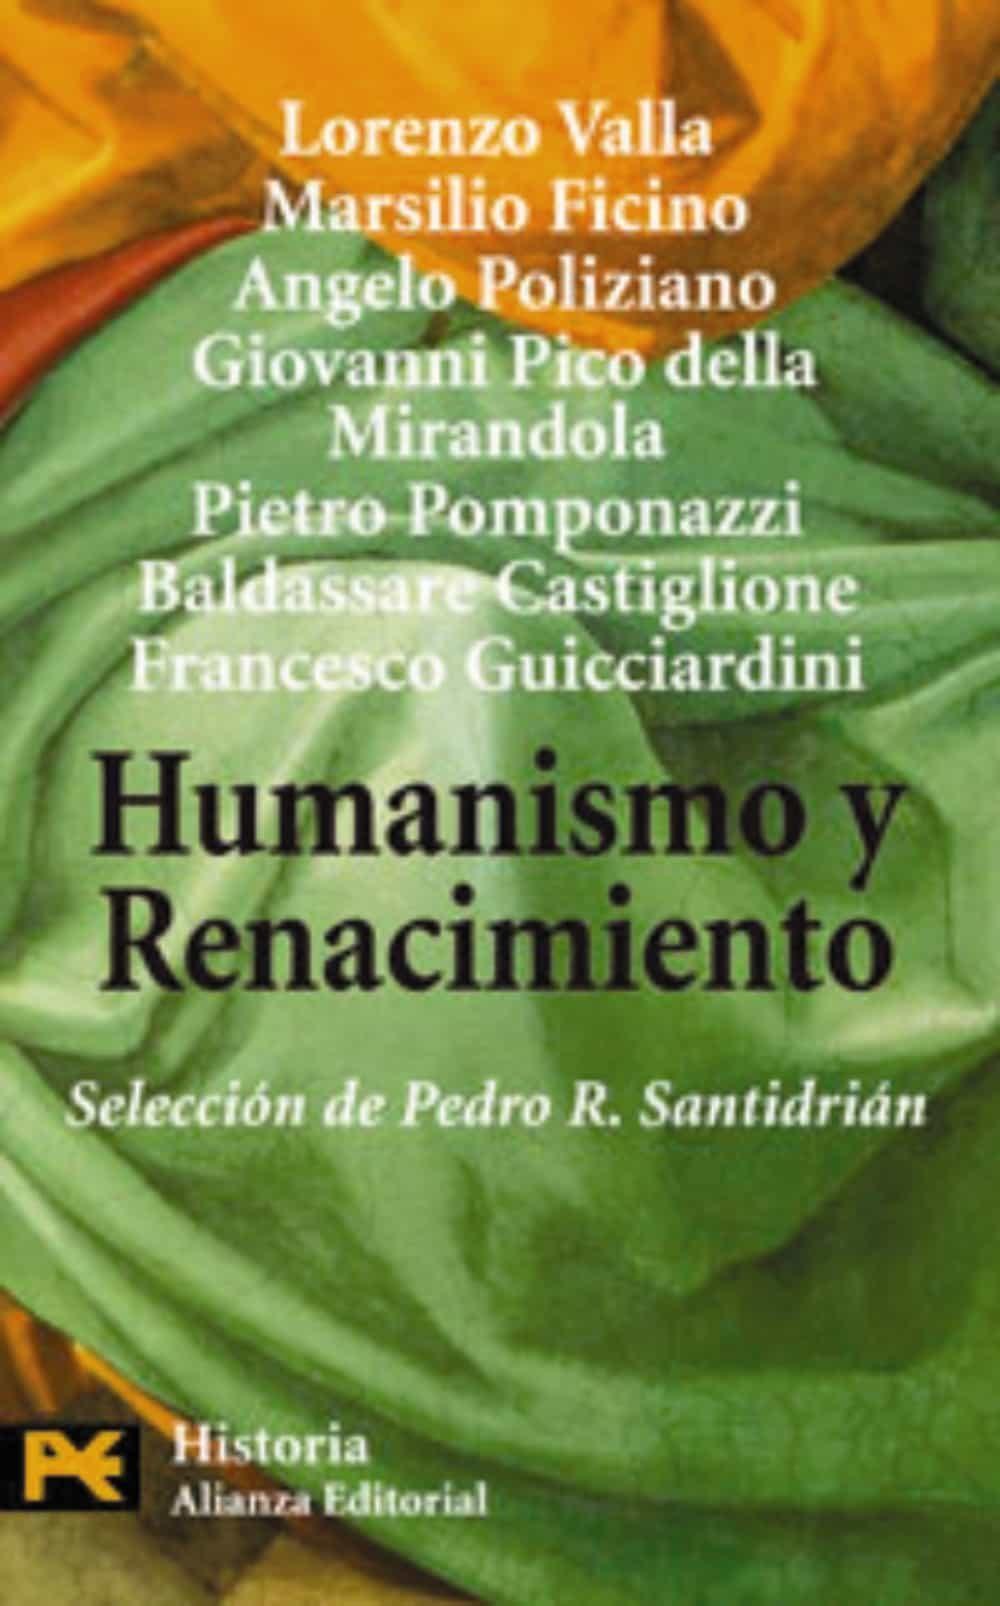 Humanismo Y Renacimiento por Vv.aa. Gratis